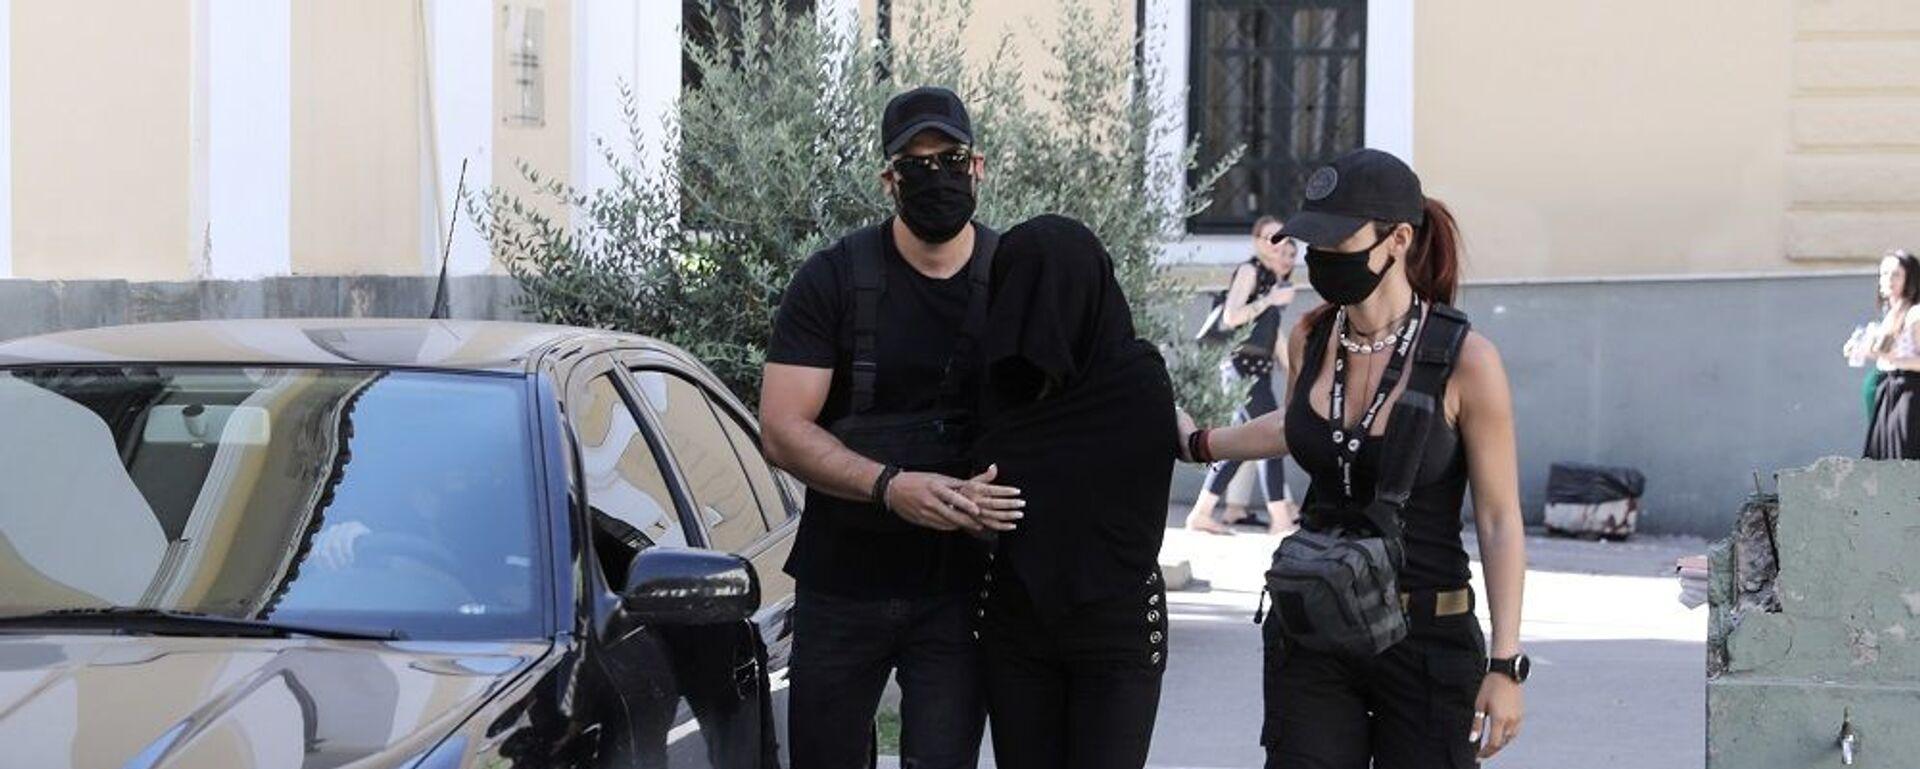 Στην Ευελπίδων η 35χρονη κατηγορούμενη για την επίθεση με βιτριόλι - Sputnik Ελλάδα, 1920, 17.09.2021